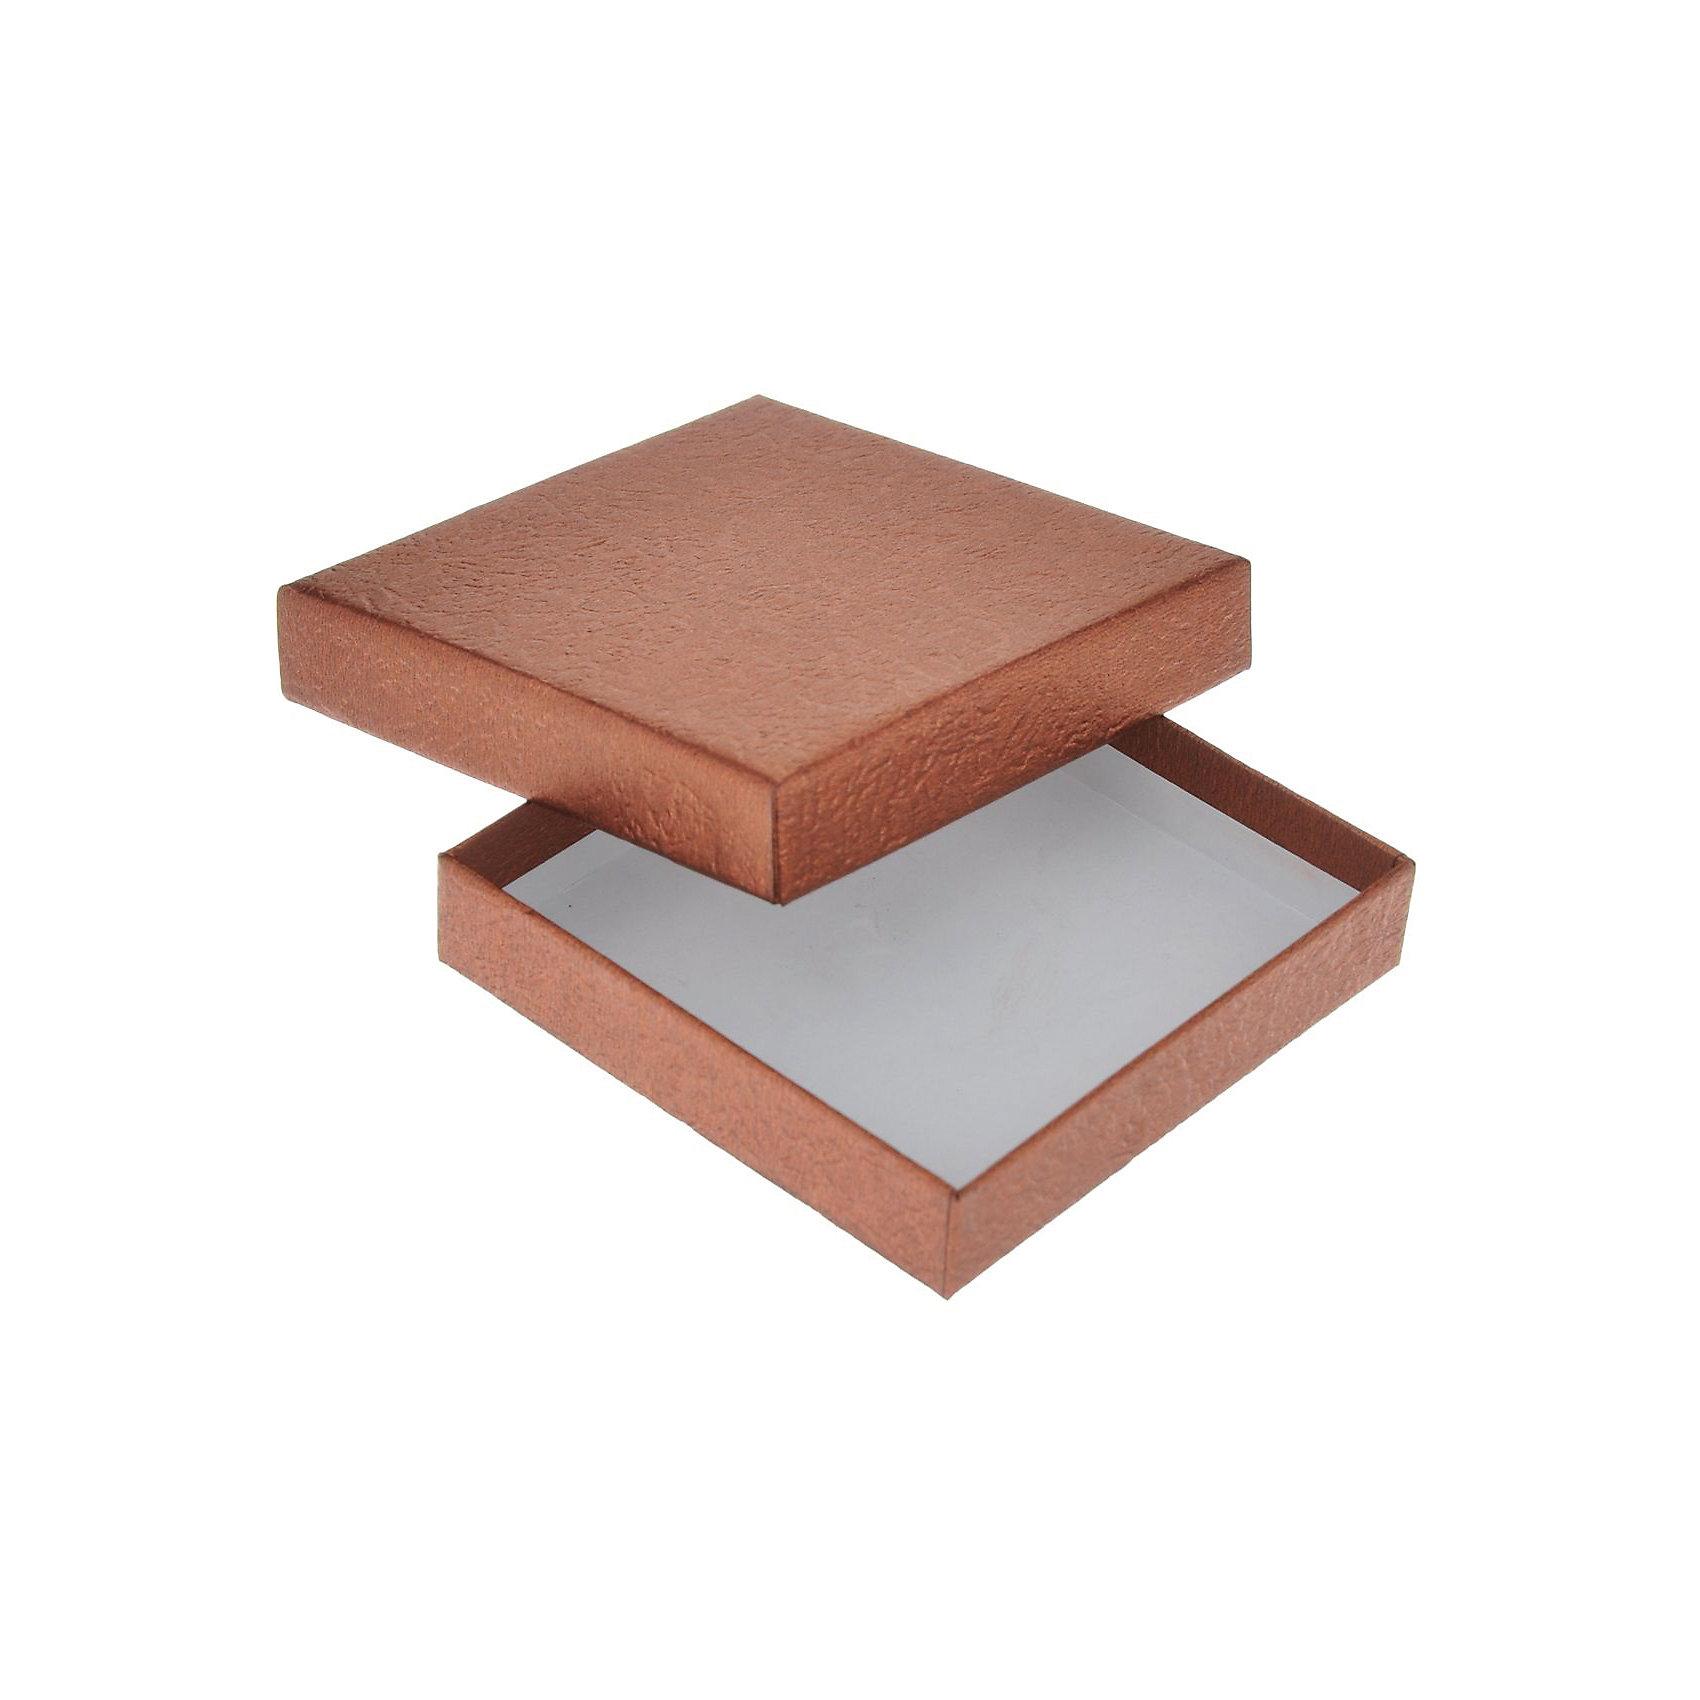 Подарочная коробка БРОНЗОВЫЙ, Феникс-ПрезентПредметы интерьера<br>Подарочная коробка БРОНЗОВЫЙ, Феникс-Презент<br><br>Характеристики:<br><br>• практичная коробка для подарков и хранения<br>• изготовлена из мелованного негофрированного картона<br>• размер: 9х9х2 см<br>• цвет: бронзовый<br><br>Подарочная коробка БРОНЗОВЫЙ очень удобная и практичная. Она отлично подойдет как для упаковки подарка, так и для хранения различных безделушек. Коробка изготовлена из прочного мелованного картона. Такая упаковка поднимет настроение и создаст атмосферу праздника!<br><br>Подарочную коробку БРОНЗОВЫЙ, Феникс-Презент можно купить в нашем интернет-магазине.<br><br>Ширина мм: 90<br>Глубина мм: 90<br>Высота мм: 20<br>Вес г: 250<br>Возраст от месяцев: 36<br>Возраст до месяцев: 2147483647<br>Пол: Унисекс<br>Возраст: Детский<br>SKU: 5449652